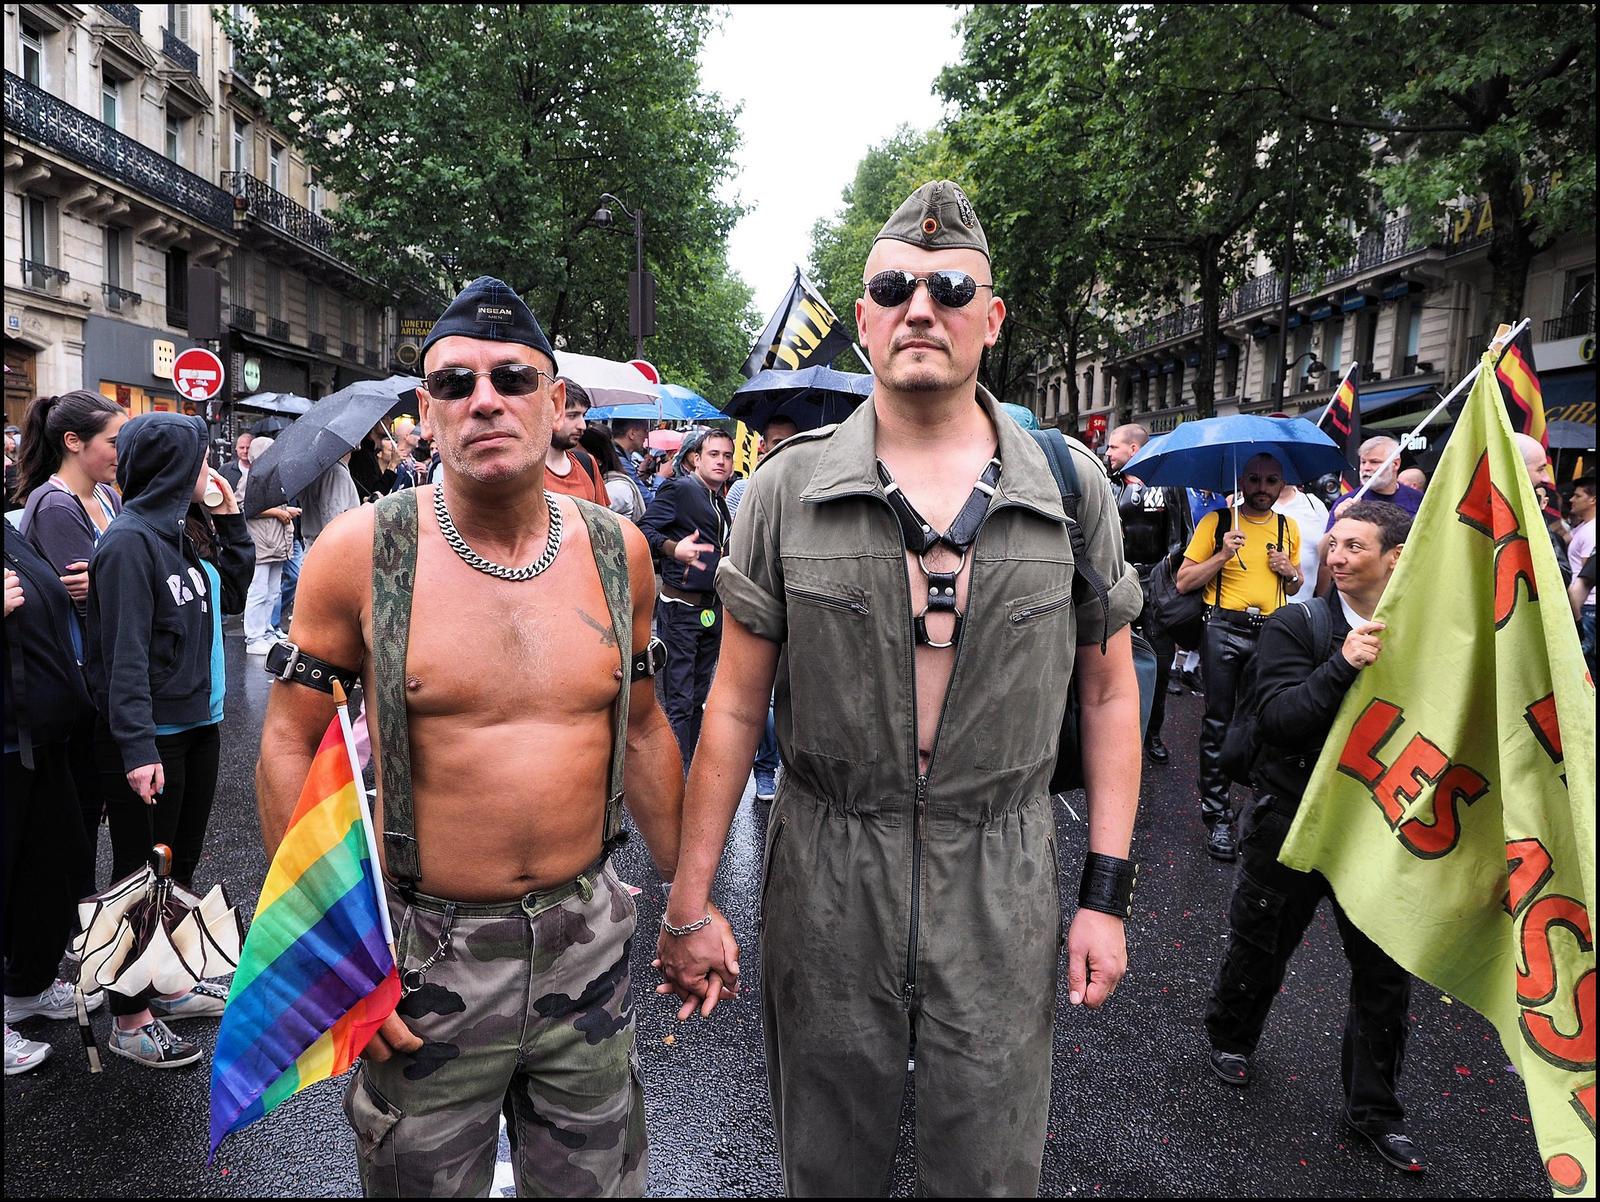 gay pride paris 2005